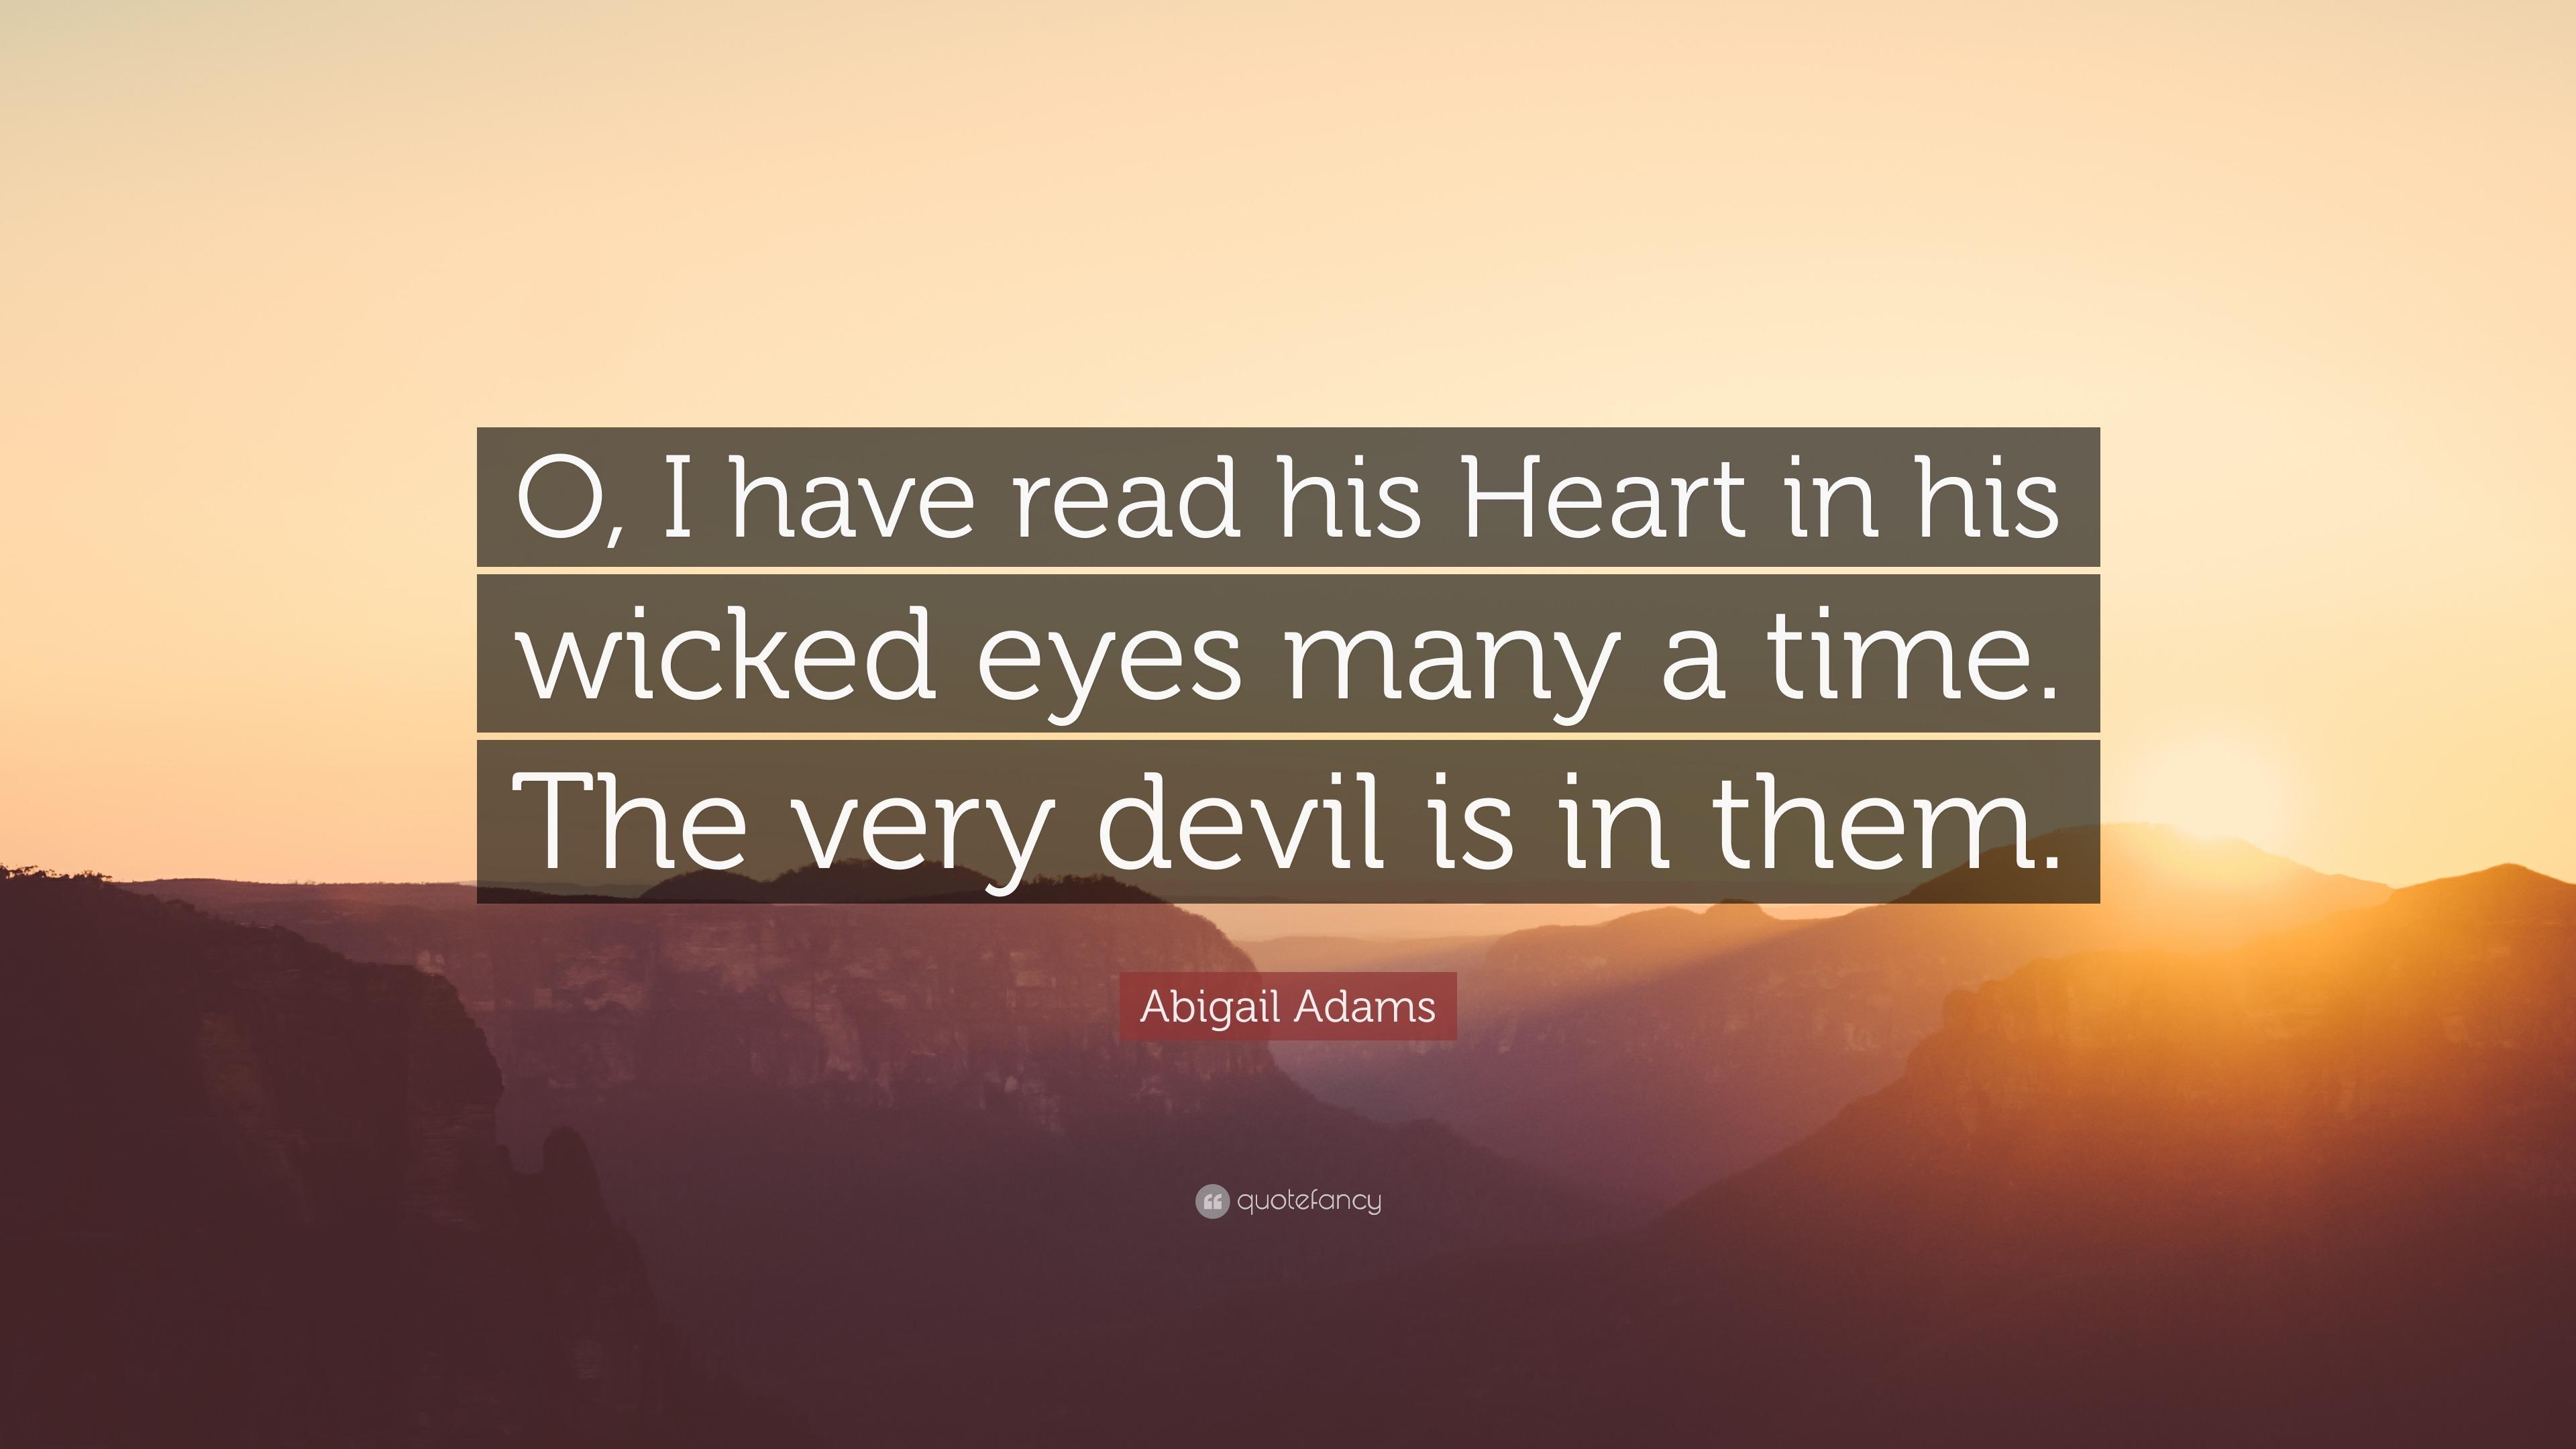 Abigail Adams Quotes Abigail Adams Quotes 48 Wallpapers  Quotefancy